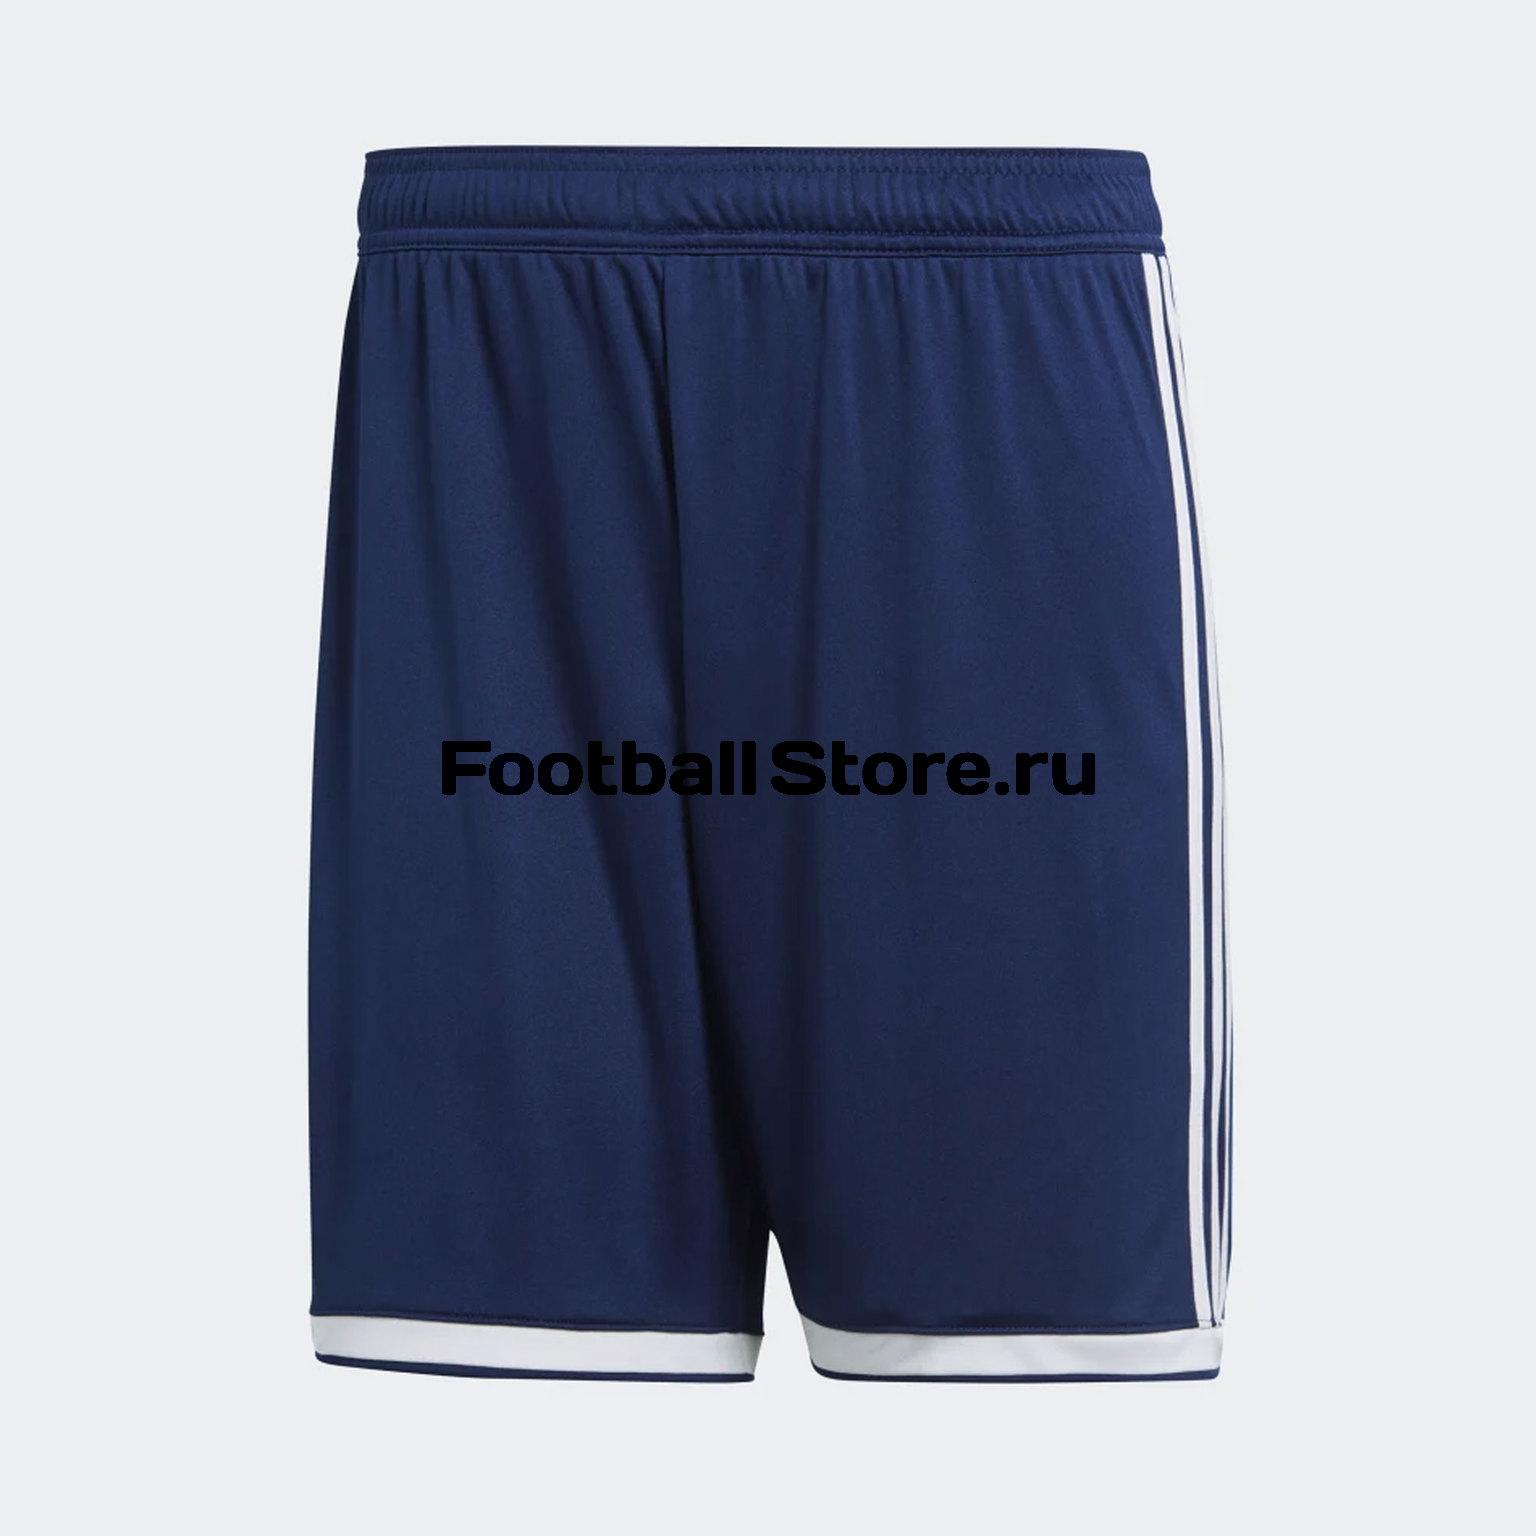 Шорты игровые Adidas Regista18 Sho CF9592